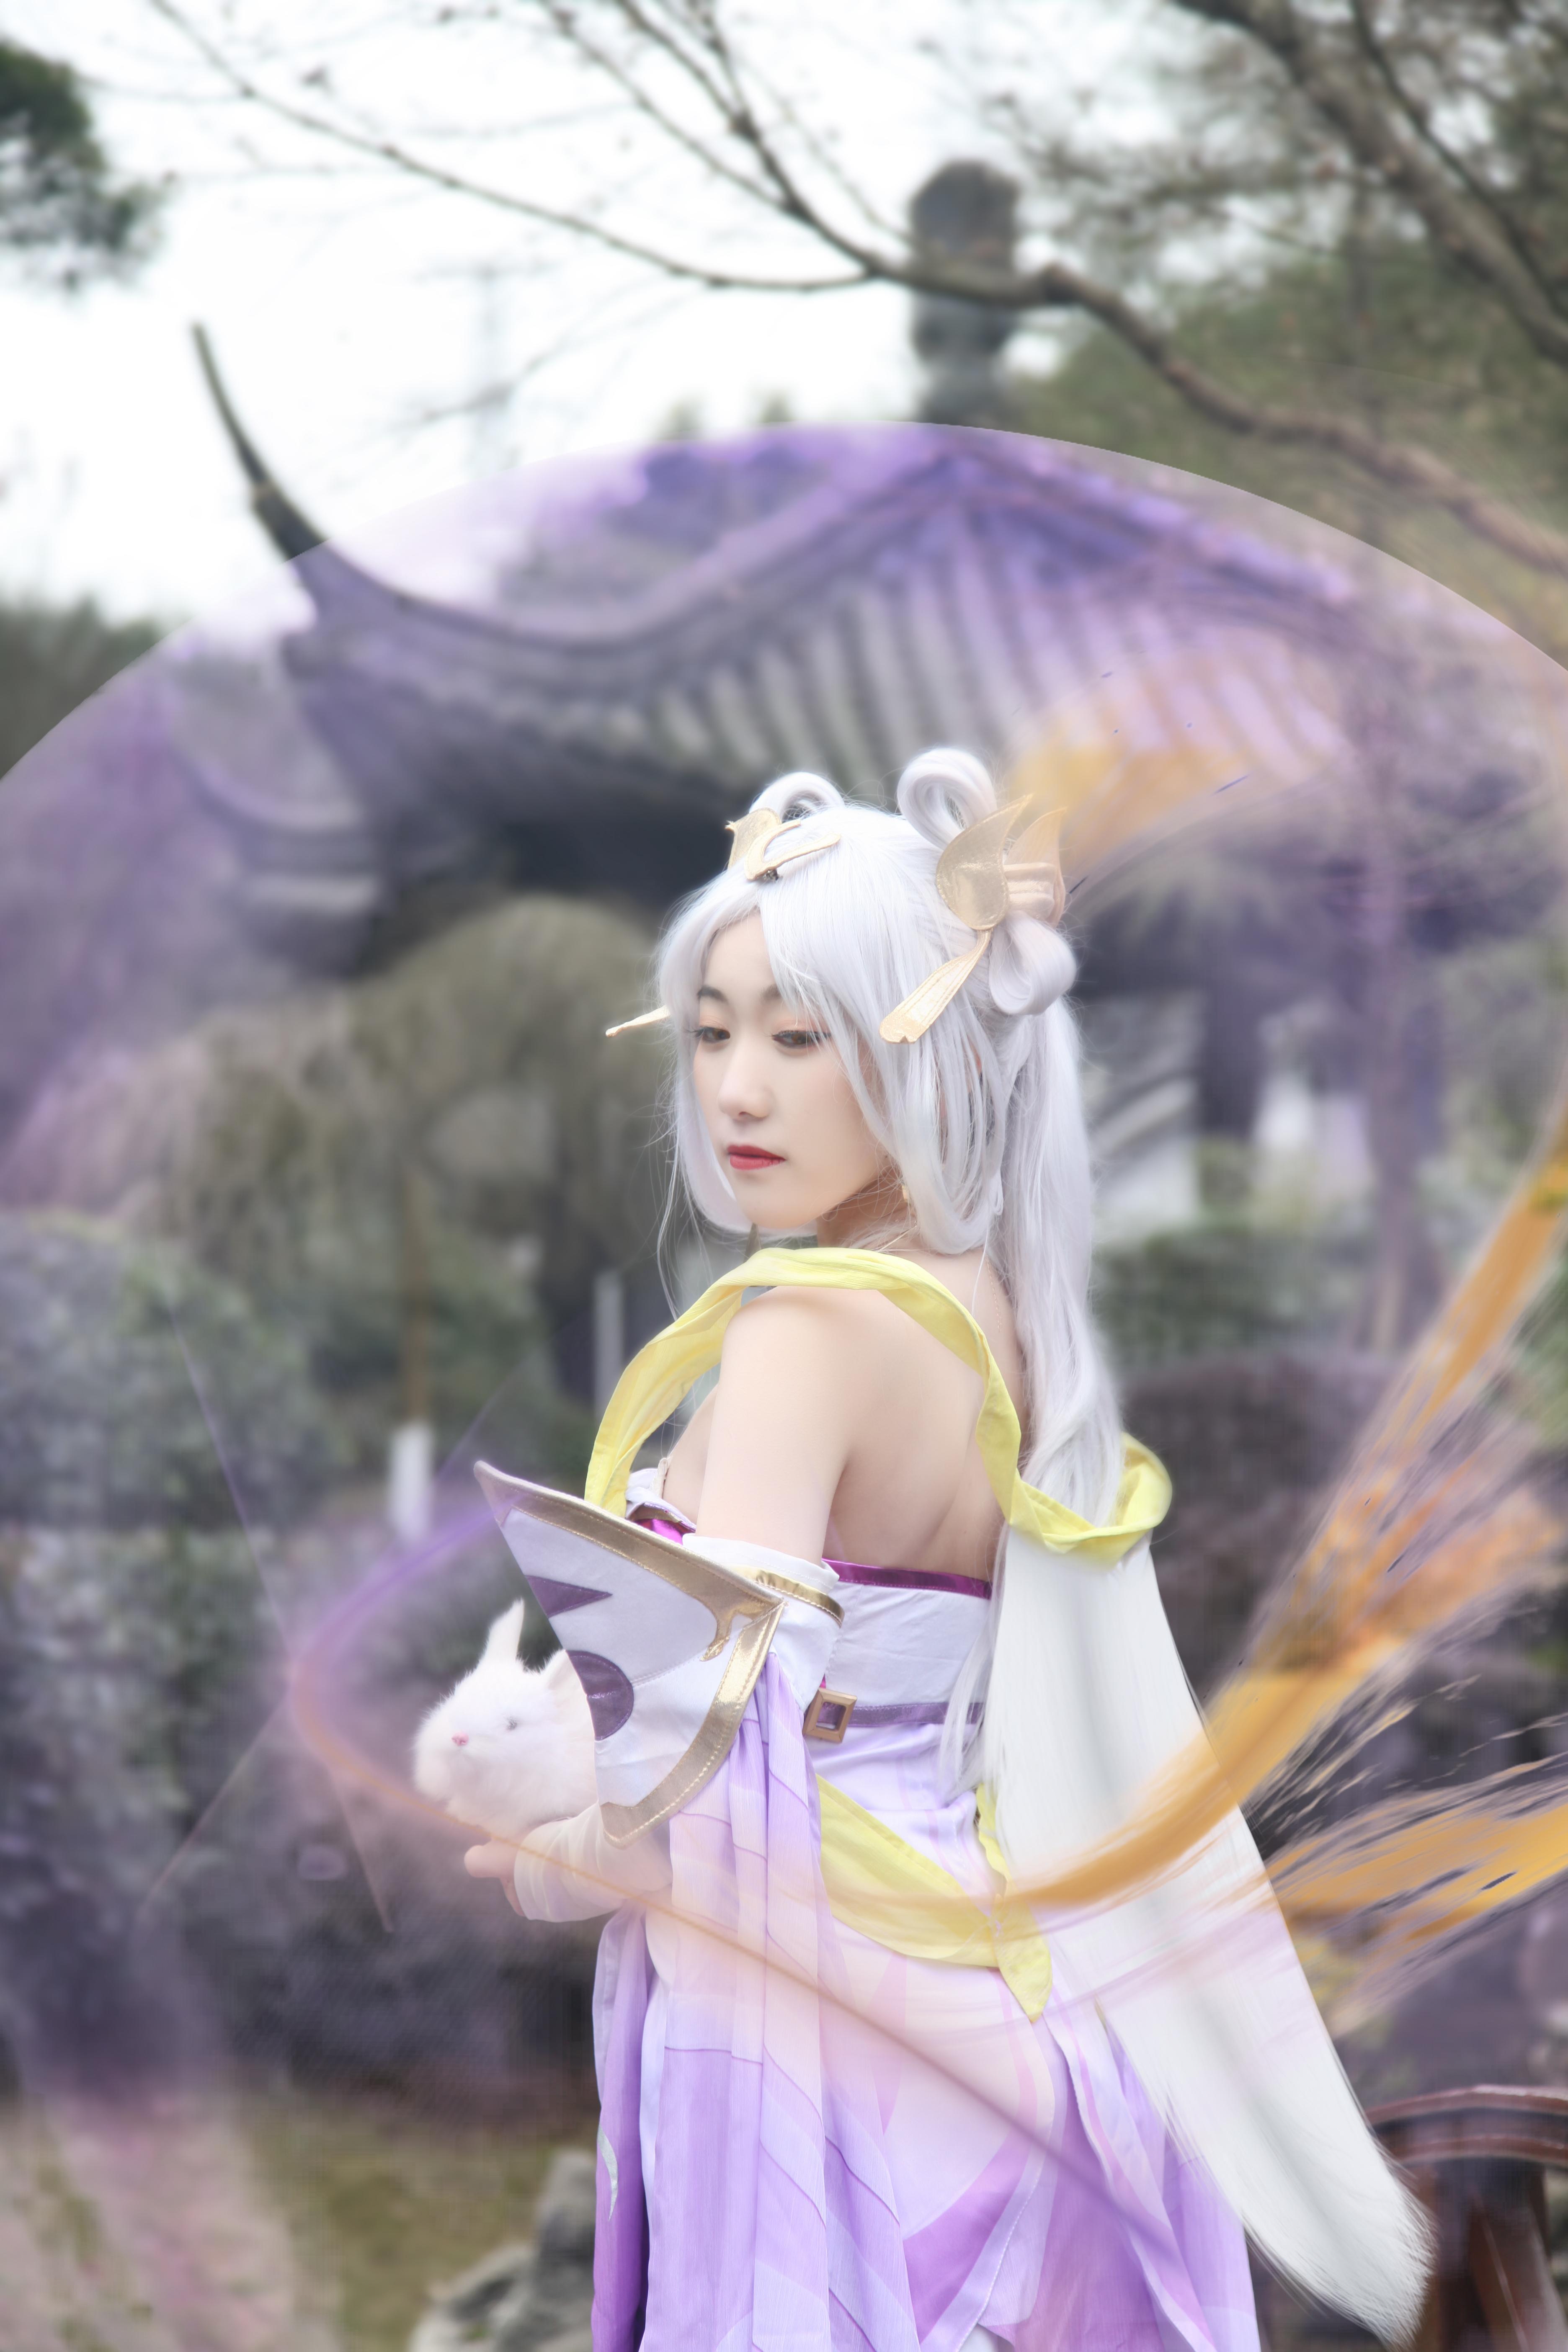 《王者荣耀》美少女cosplay【CN:虞云歌】-第4张